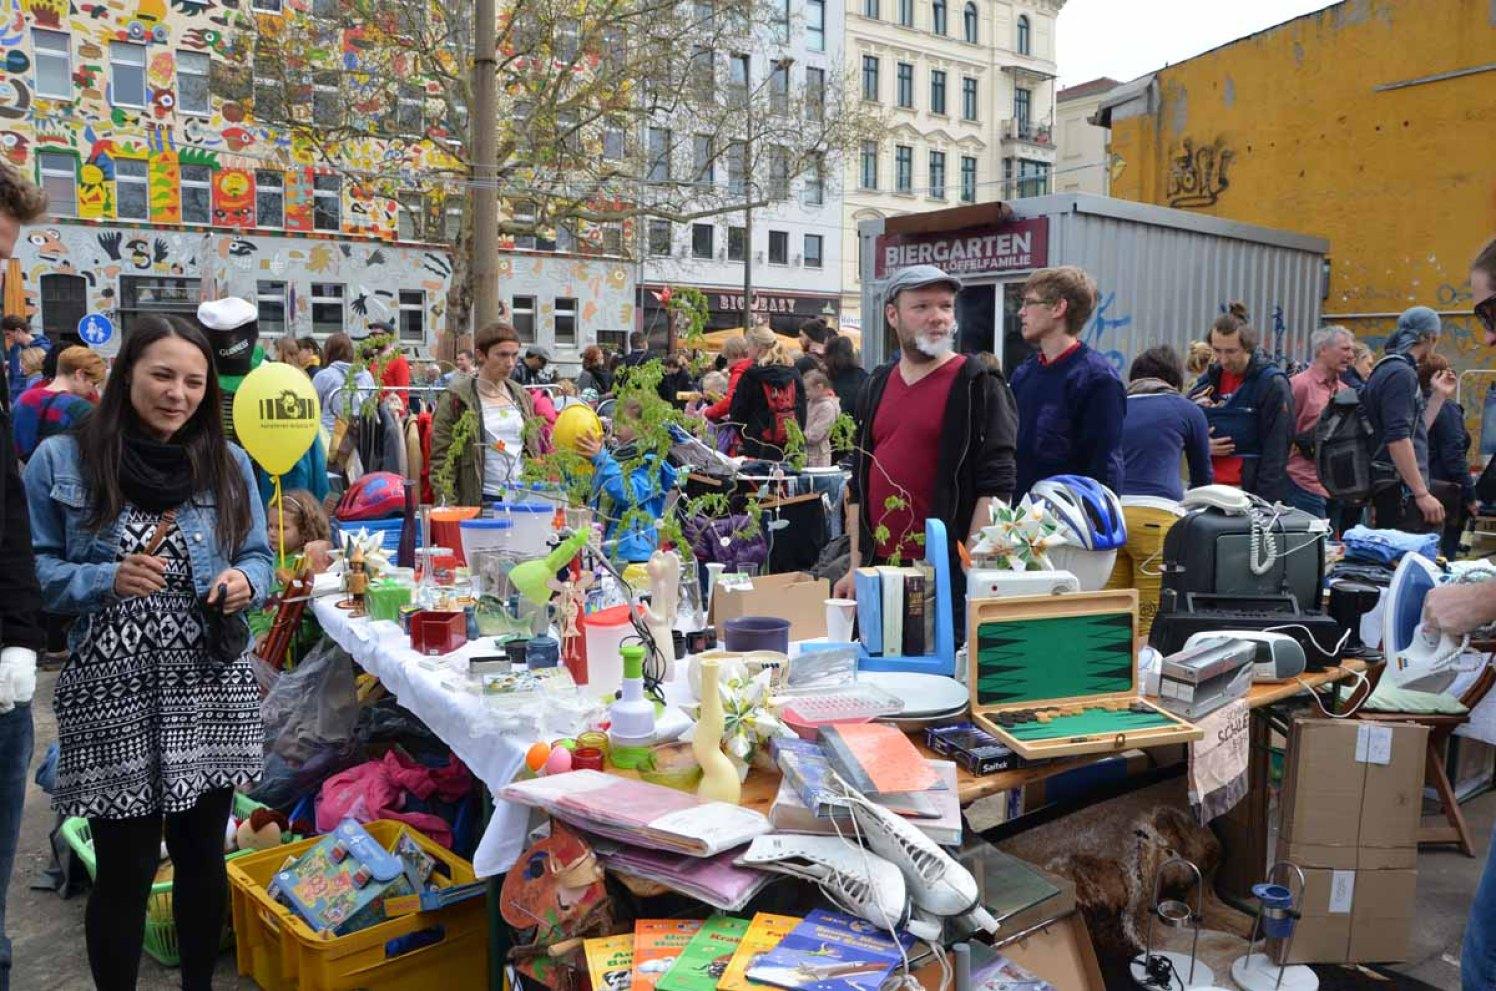 Typisch Leipzig - Flohmarkt, Genuss und Muse